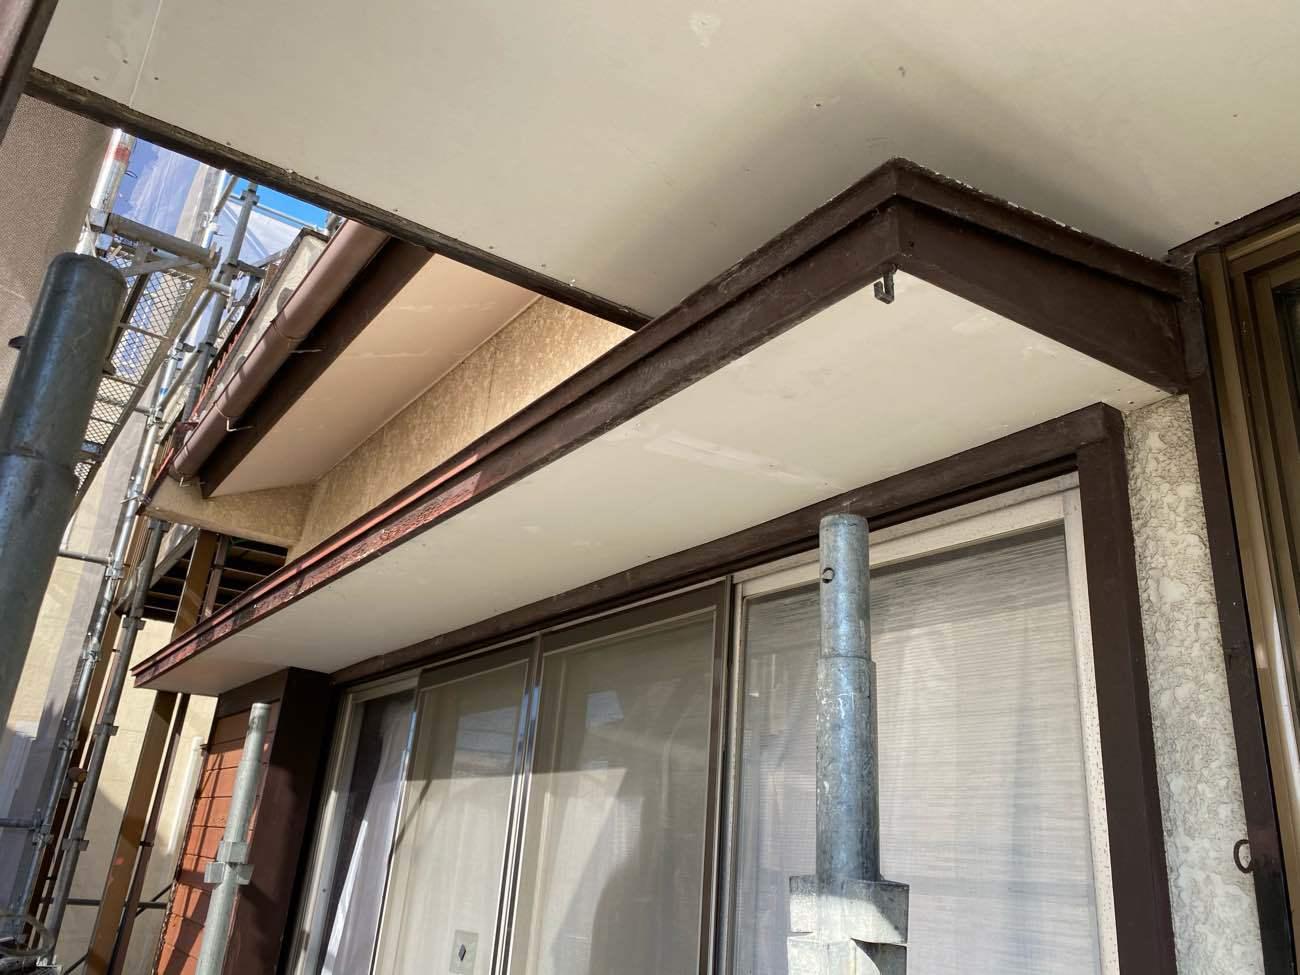 岡崎市岩津町にて火災保険対応による軒天補修工事です